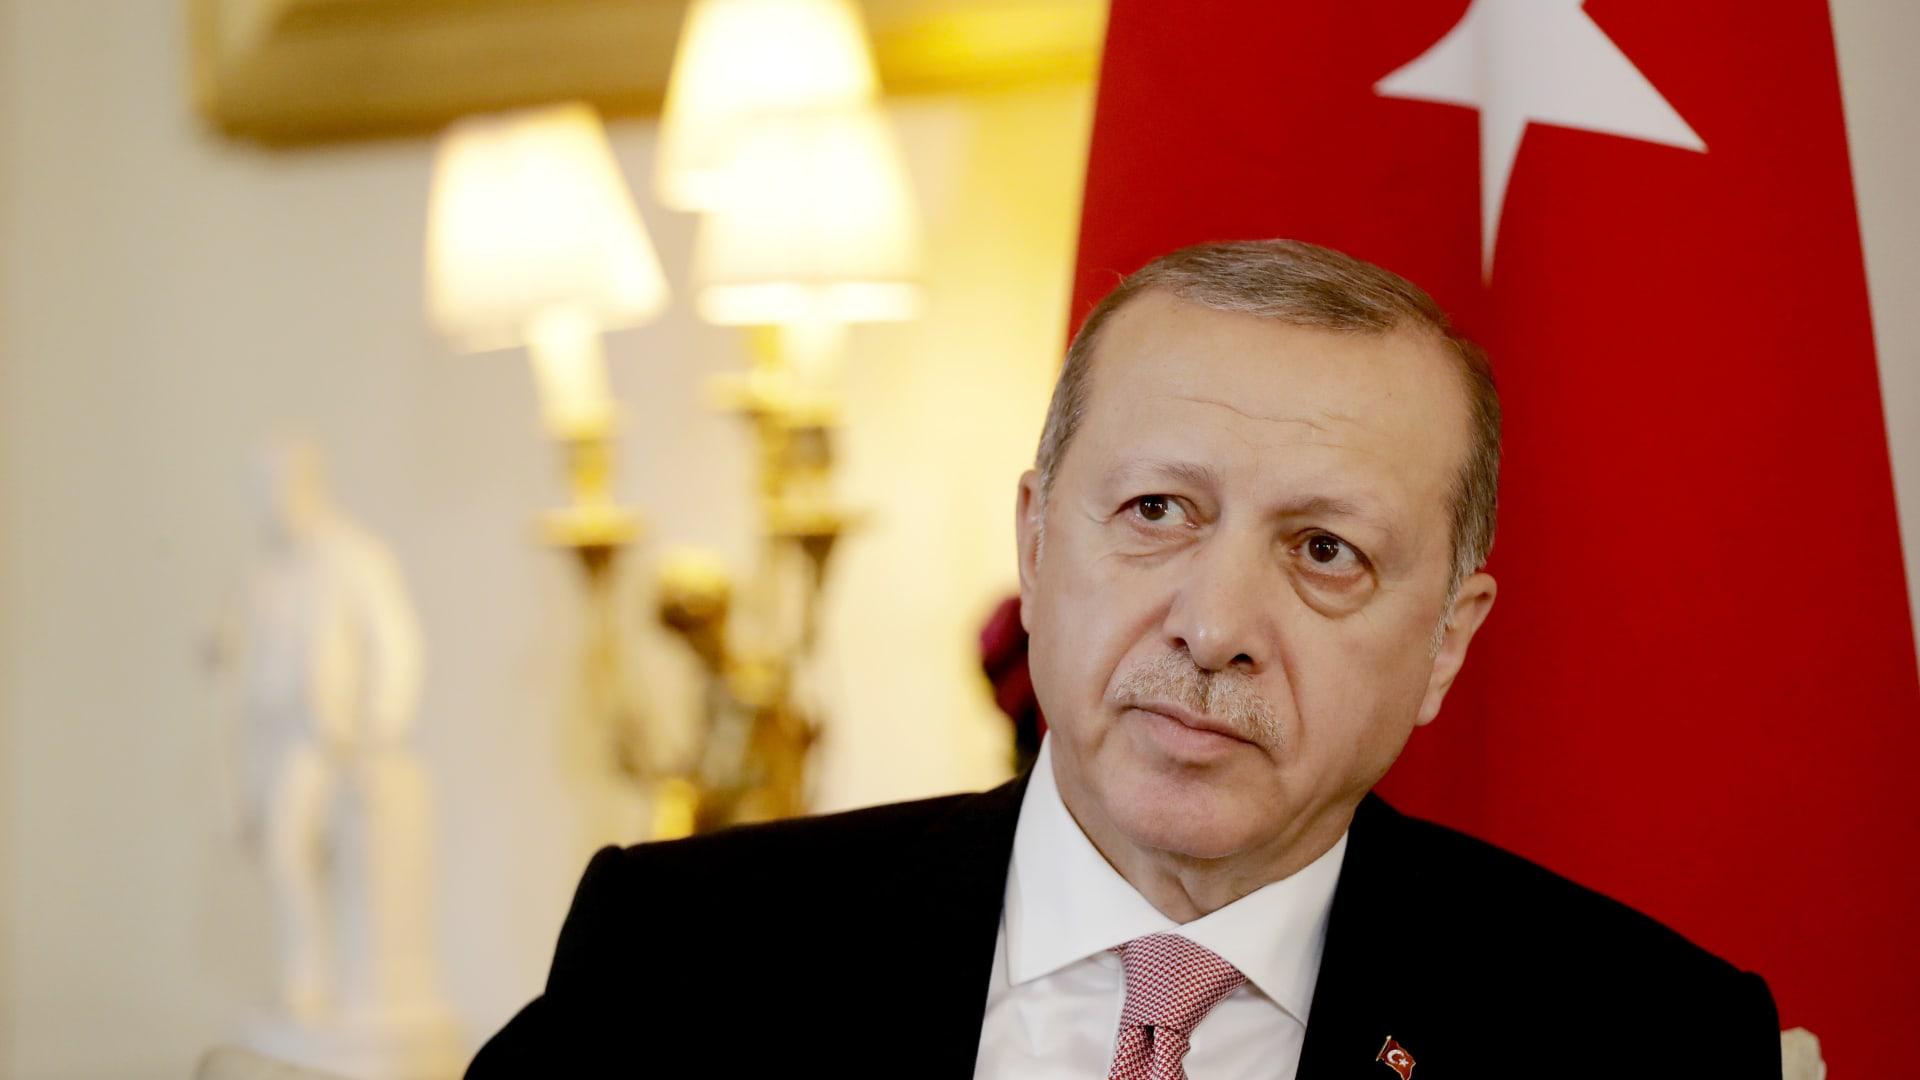 أردوغان: الشعب كلفني برئاسة البلاد ونسبة المشاركة بلغت 90%